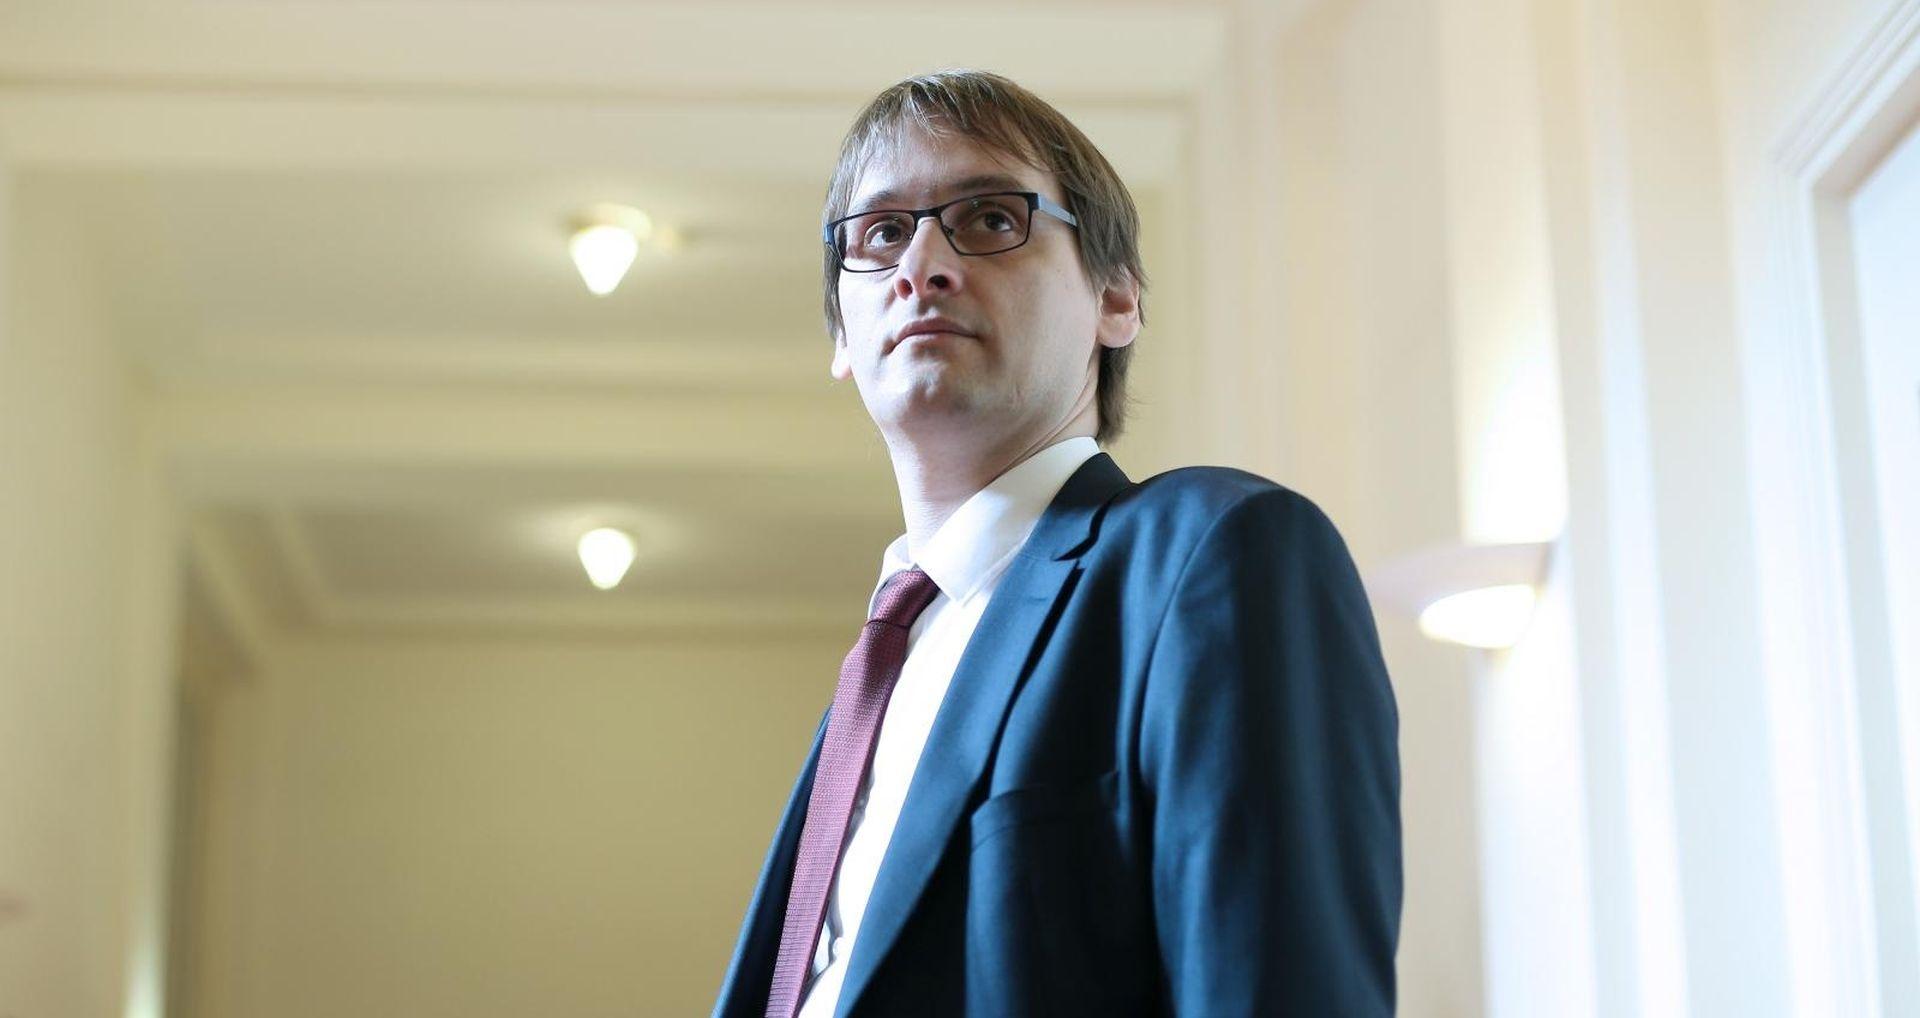 Marko Vučetić najavio kandidaturu za predsjednika RH